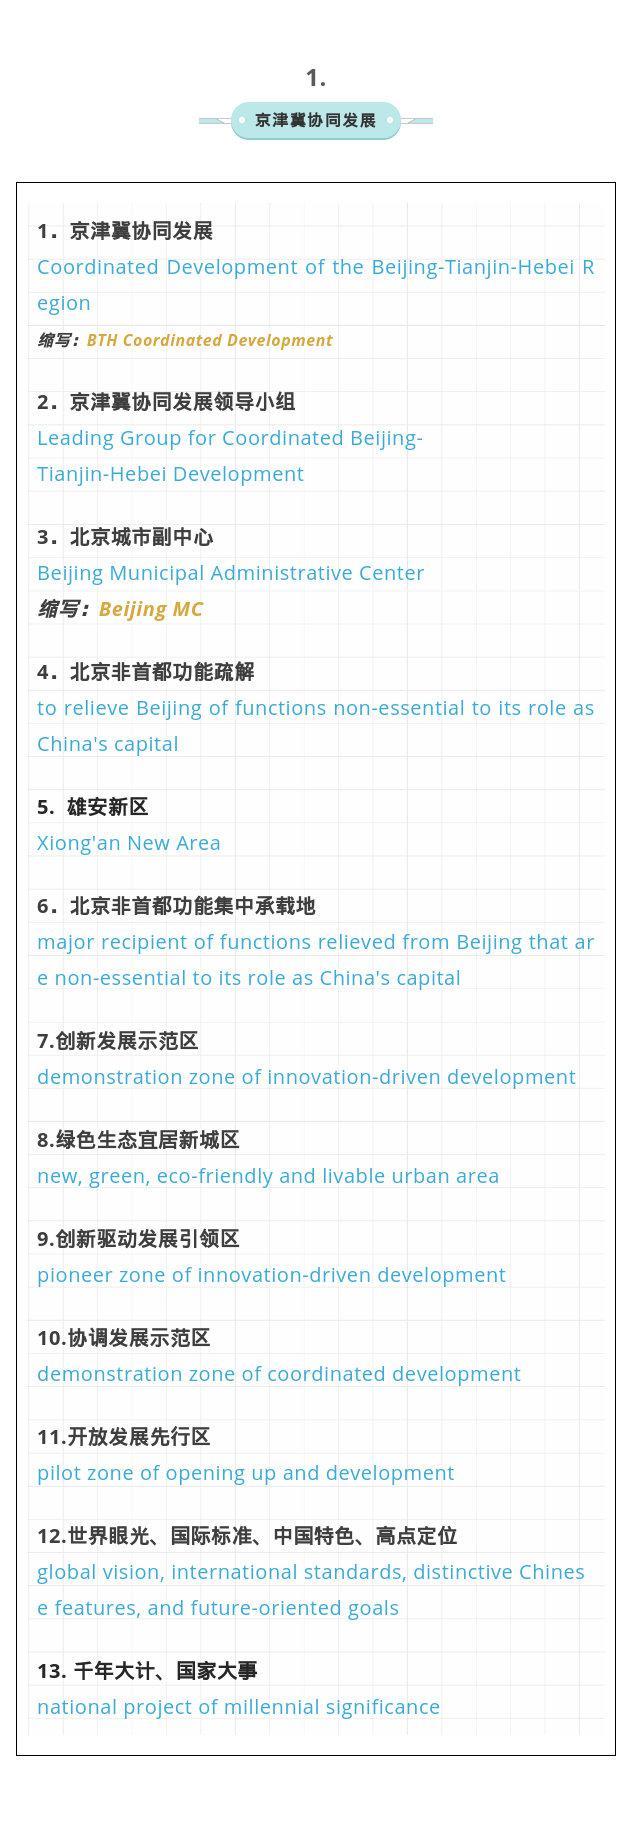 转!国新办公布61个重大国家战略常用关键词英文译法,你get了吗